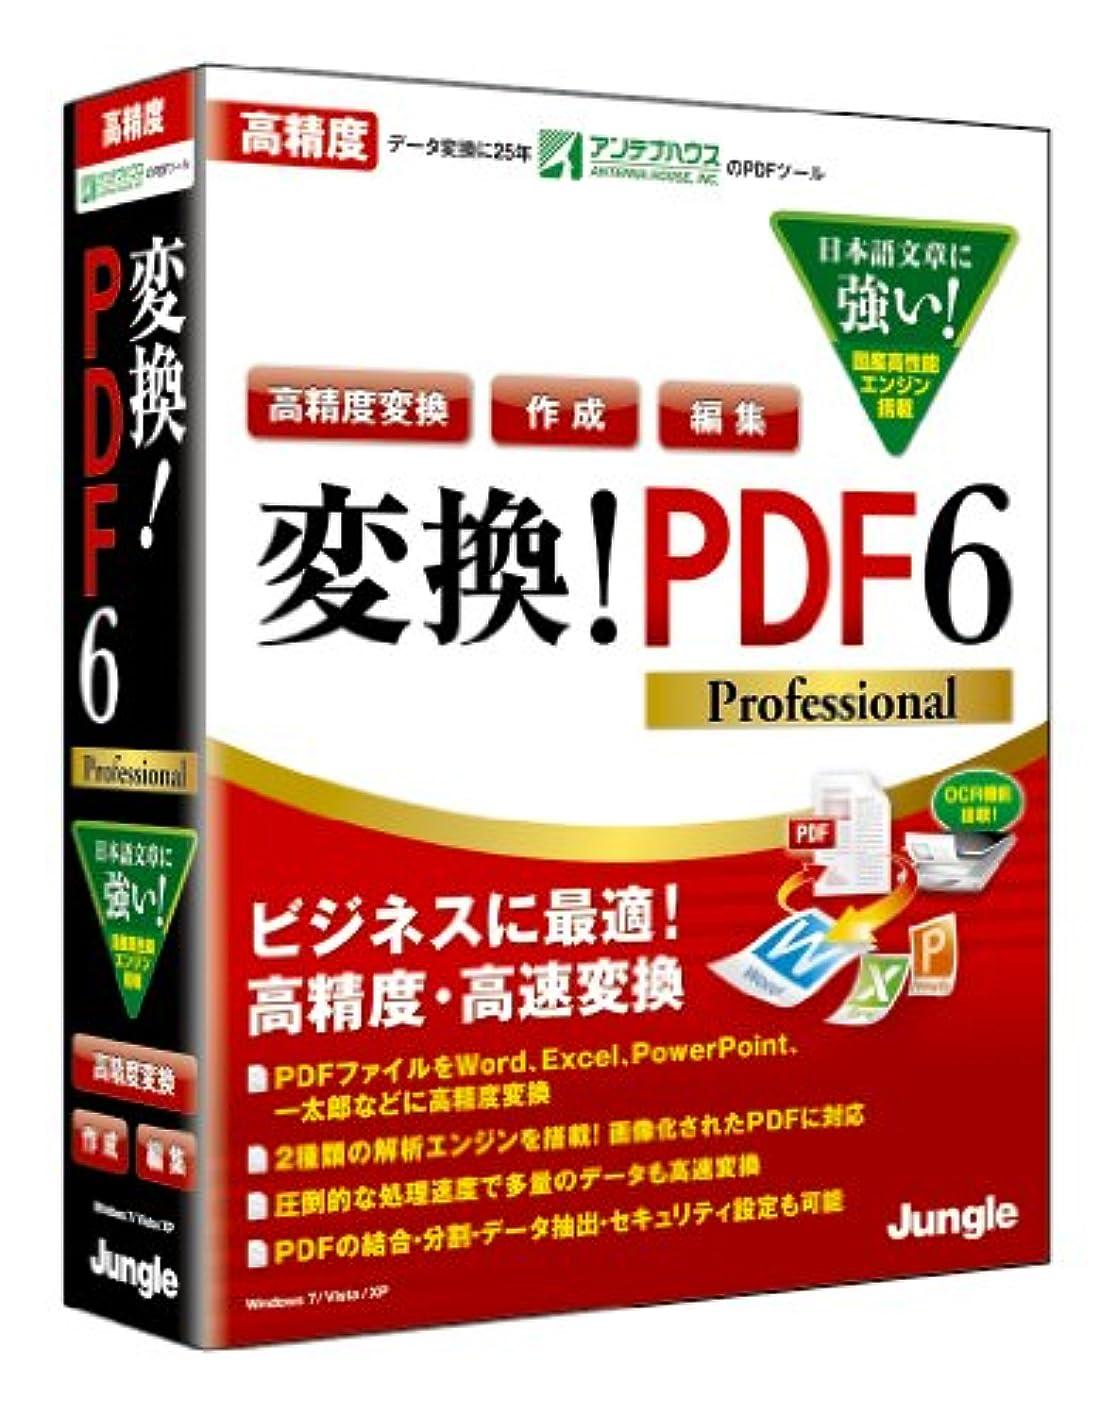 混乱させる旋律的画像変換!PDF6 Professional